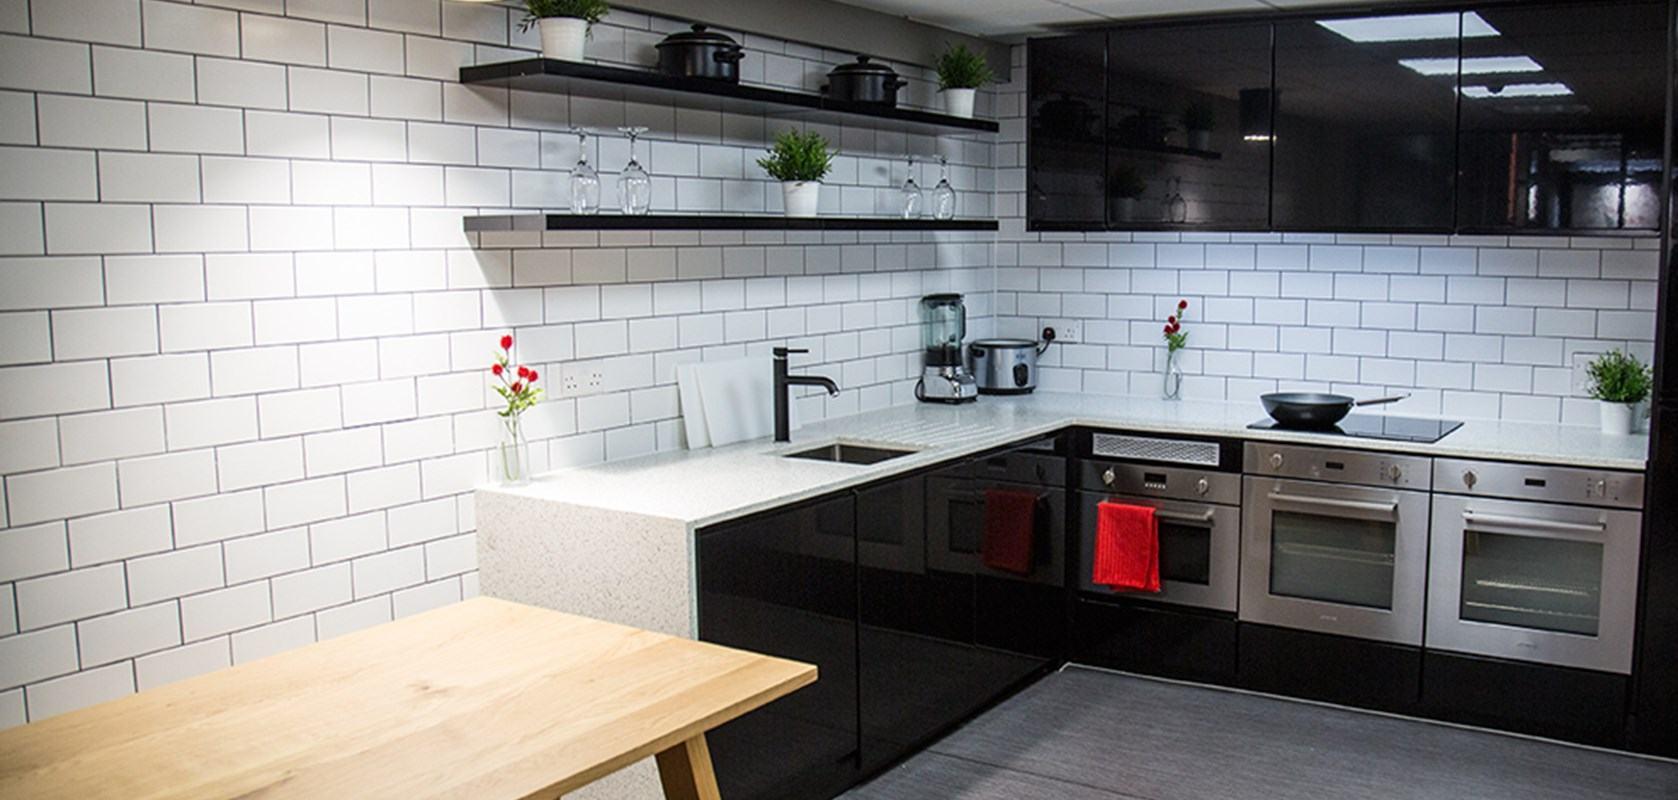 Vita-Student-Sheffield-Kitchen-2-Unilodgers-1495797680